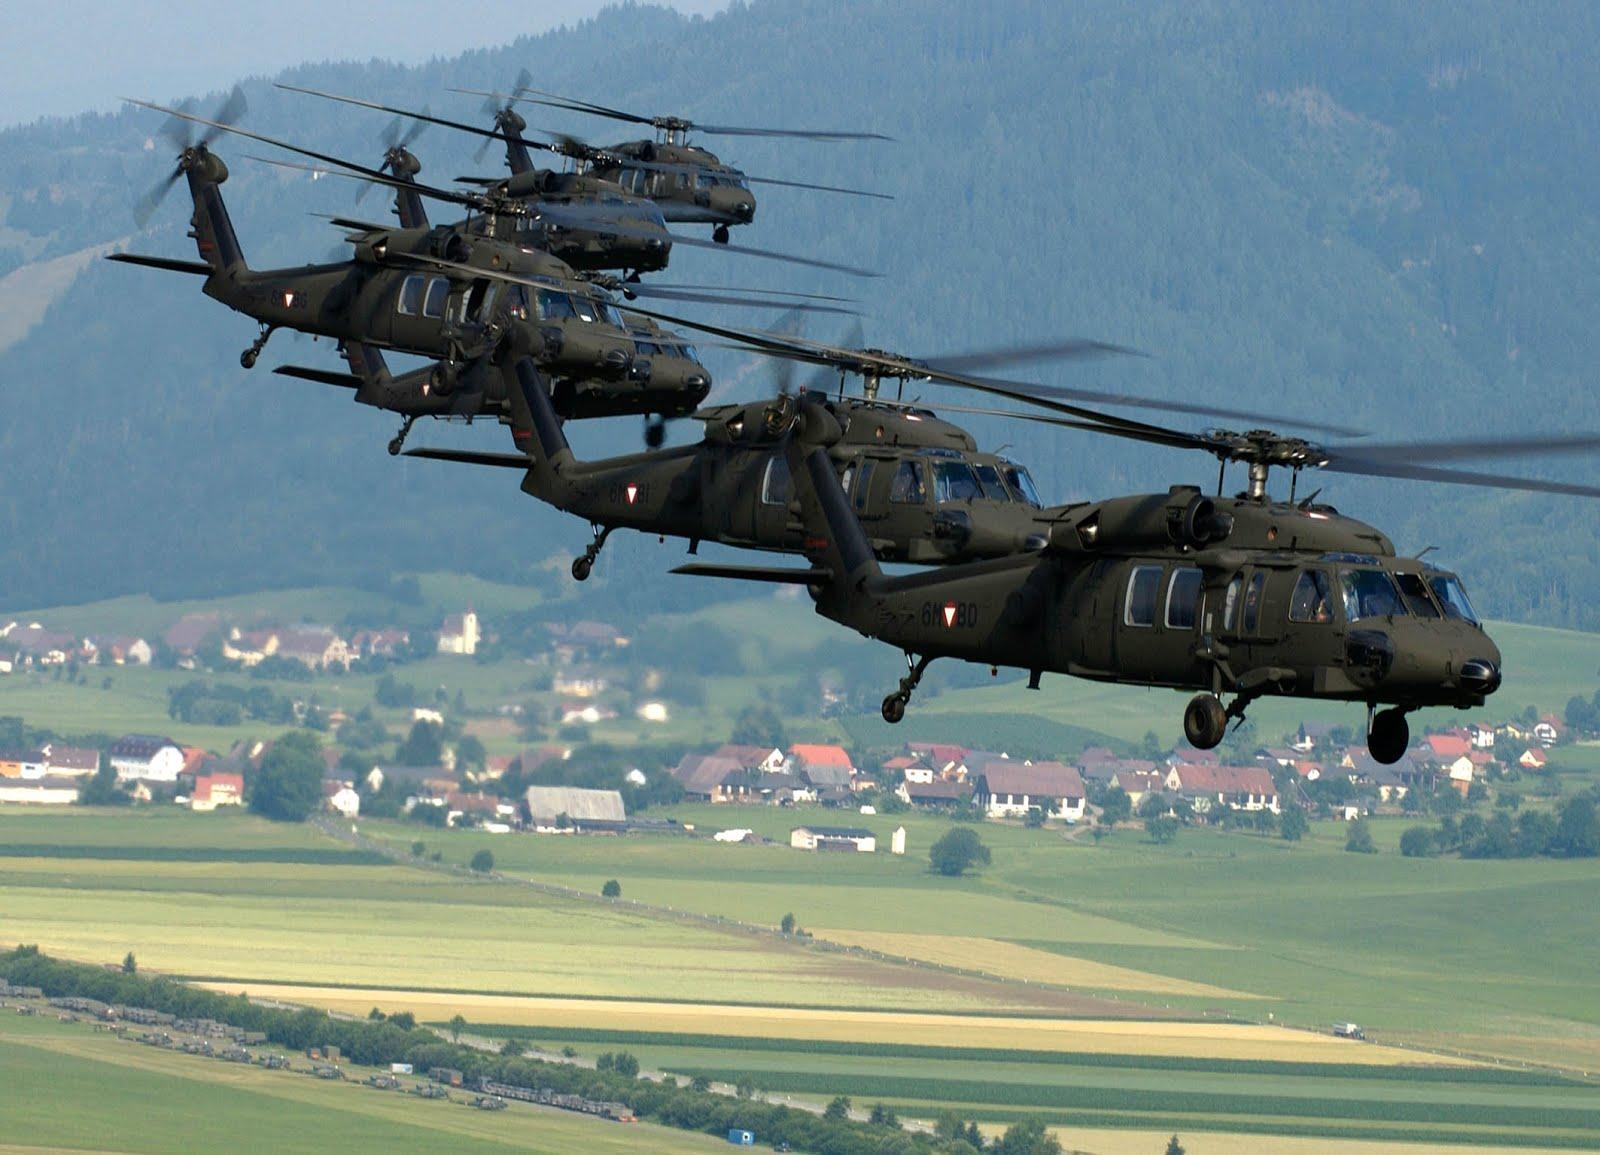 Calon Pengganti Black Hawk akan Mulai Bertarung di Udara